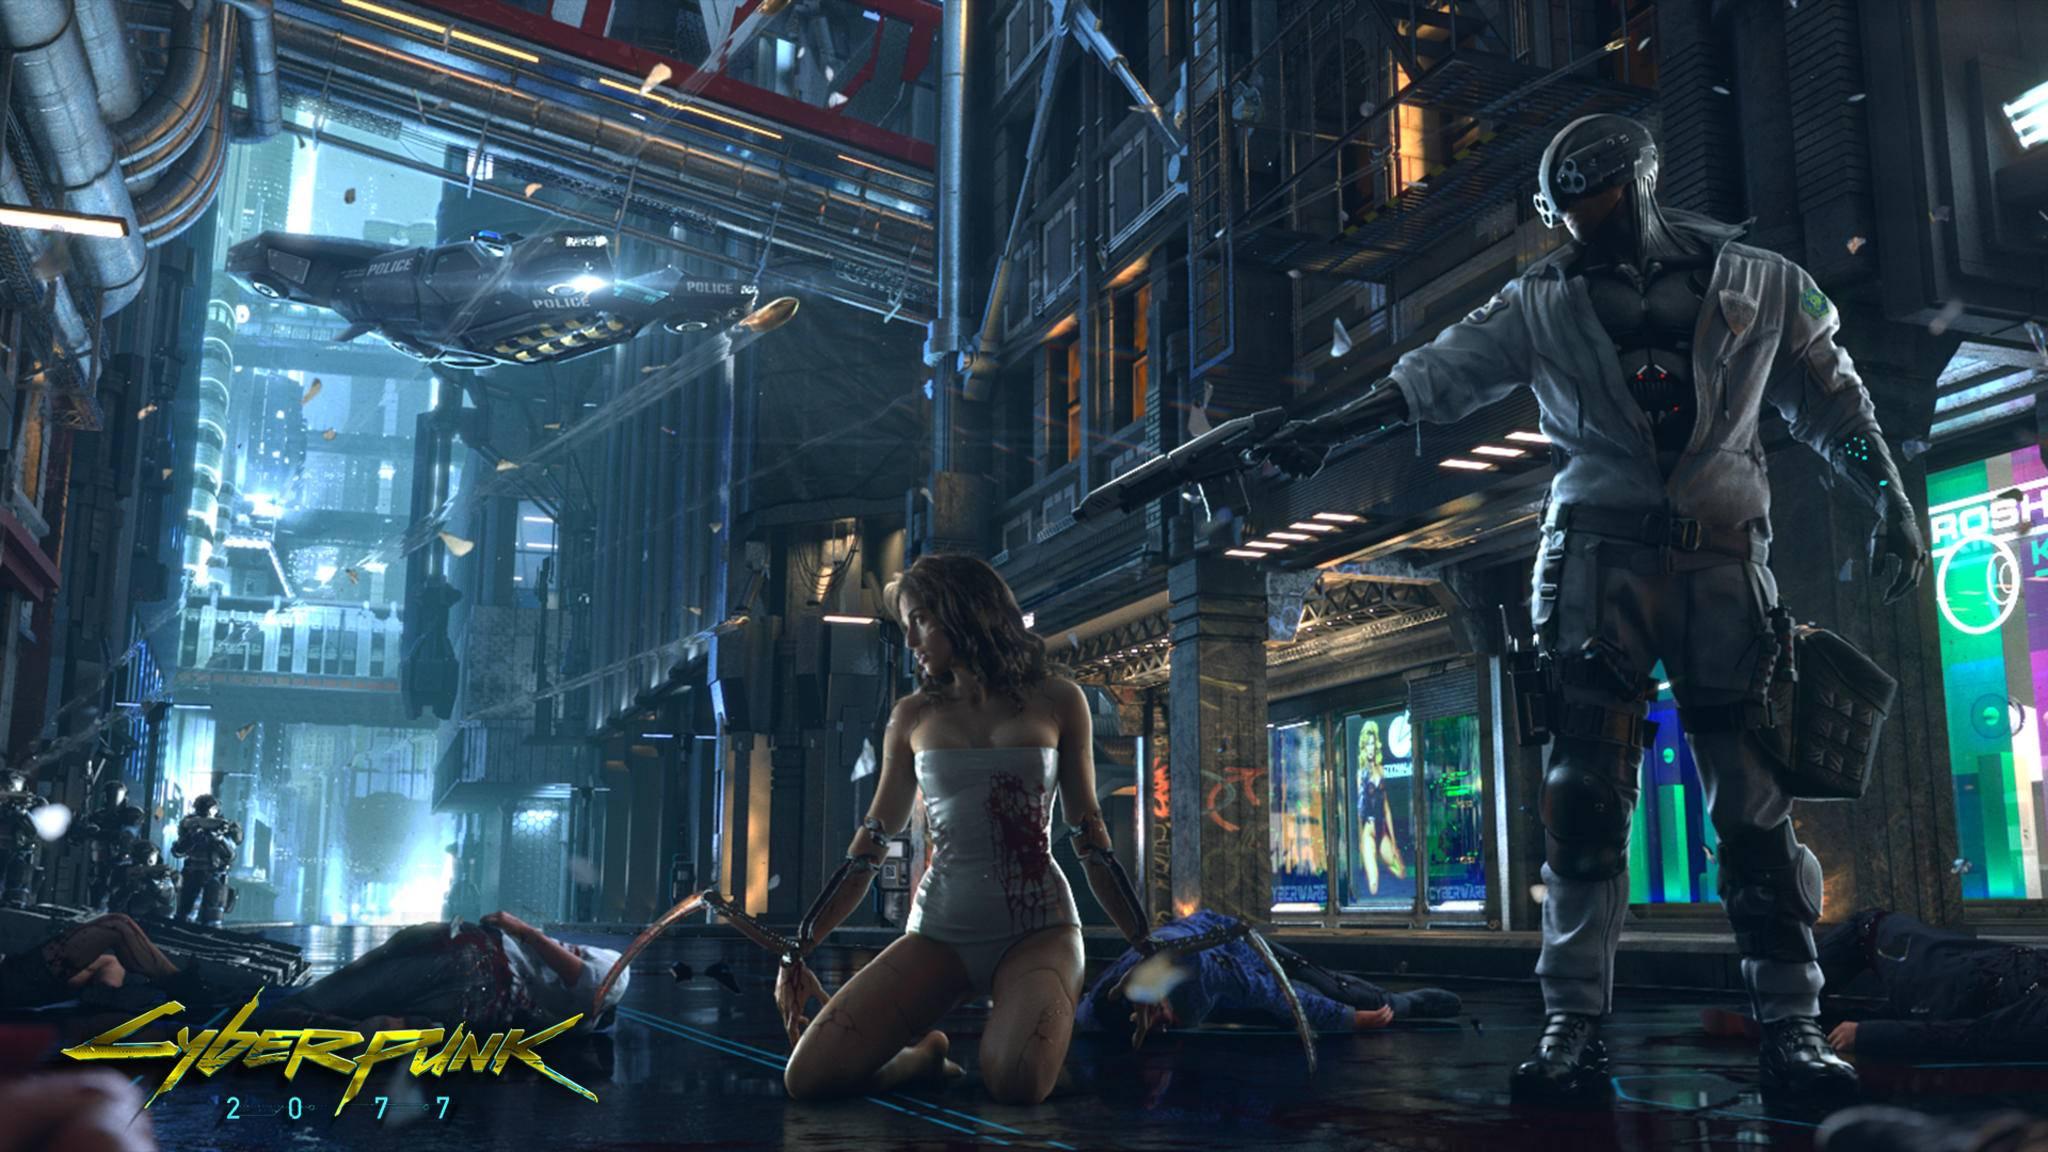 """""""Cyberpunk 2077"""" soll """"The Witcher 3"""" vom Prinzip her ähnlich sein."""